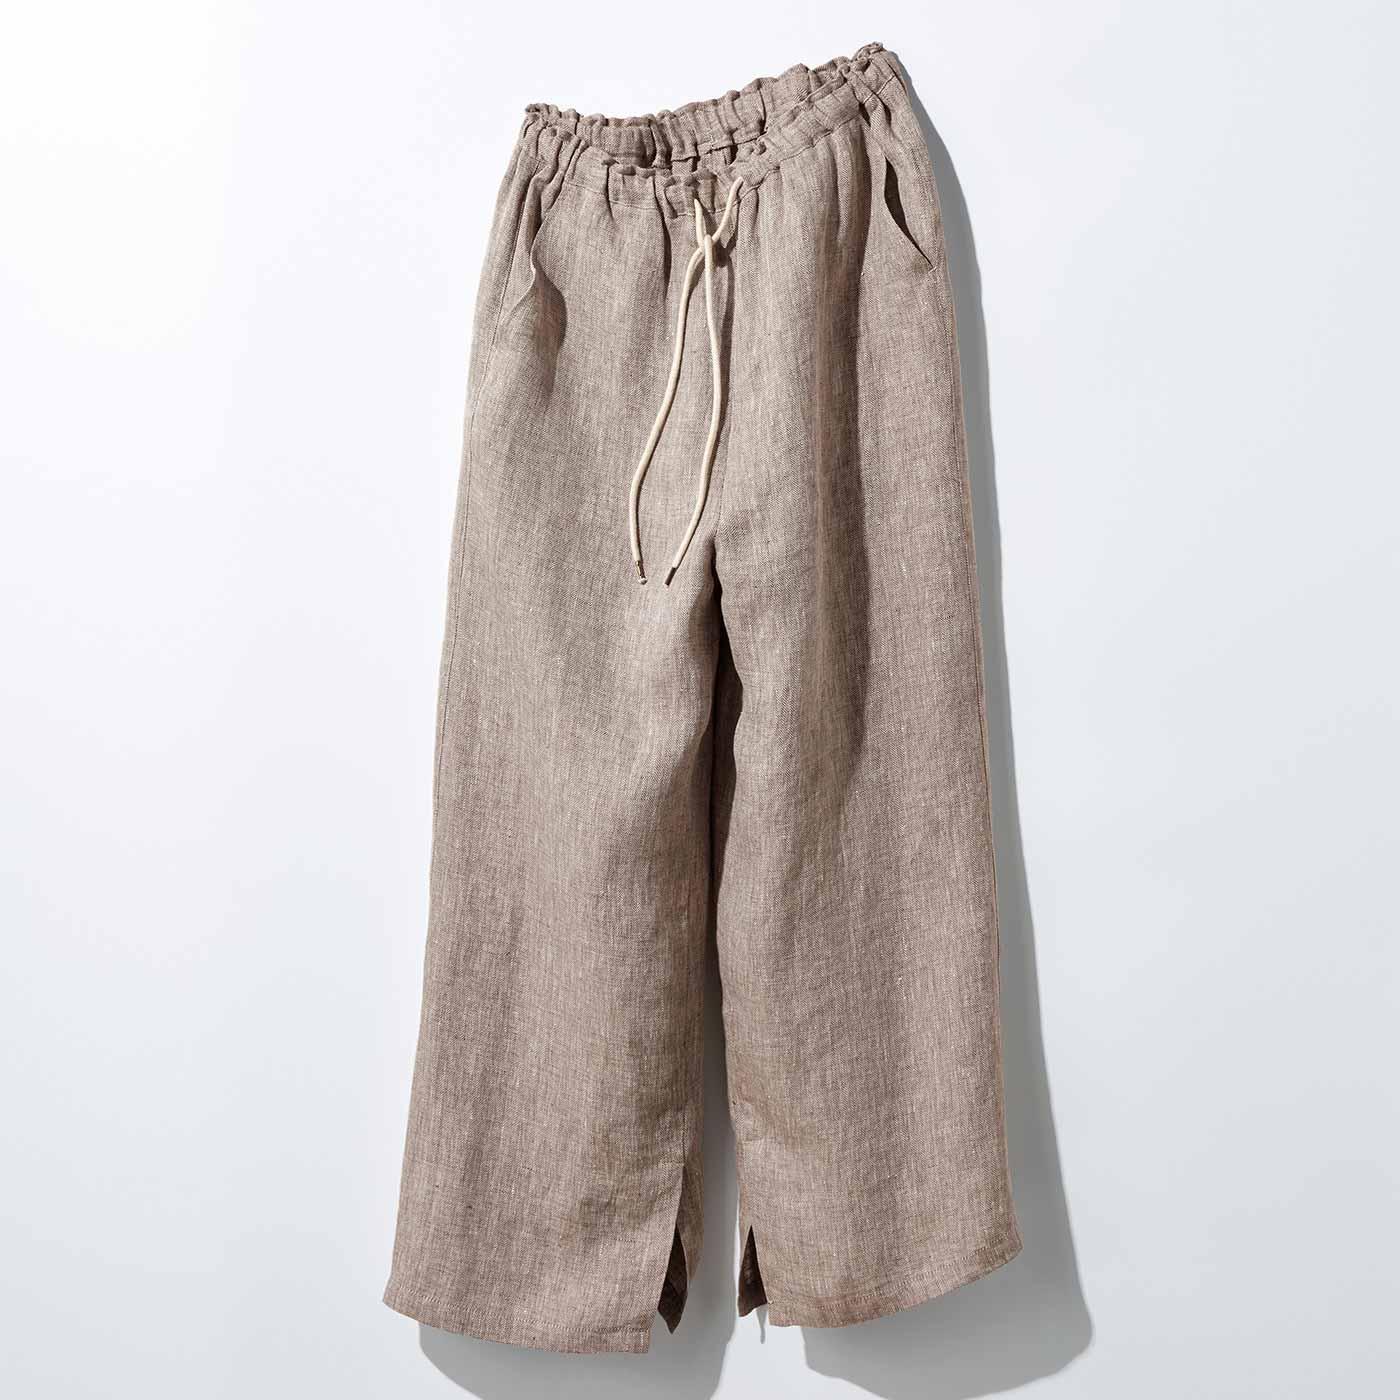 MEDE19F リネン100%のヘリンボーン柄パンツ〈ブラウン〉